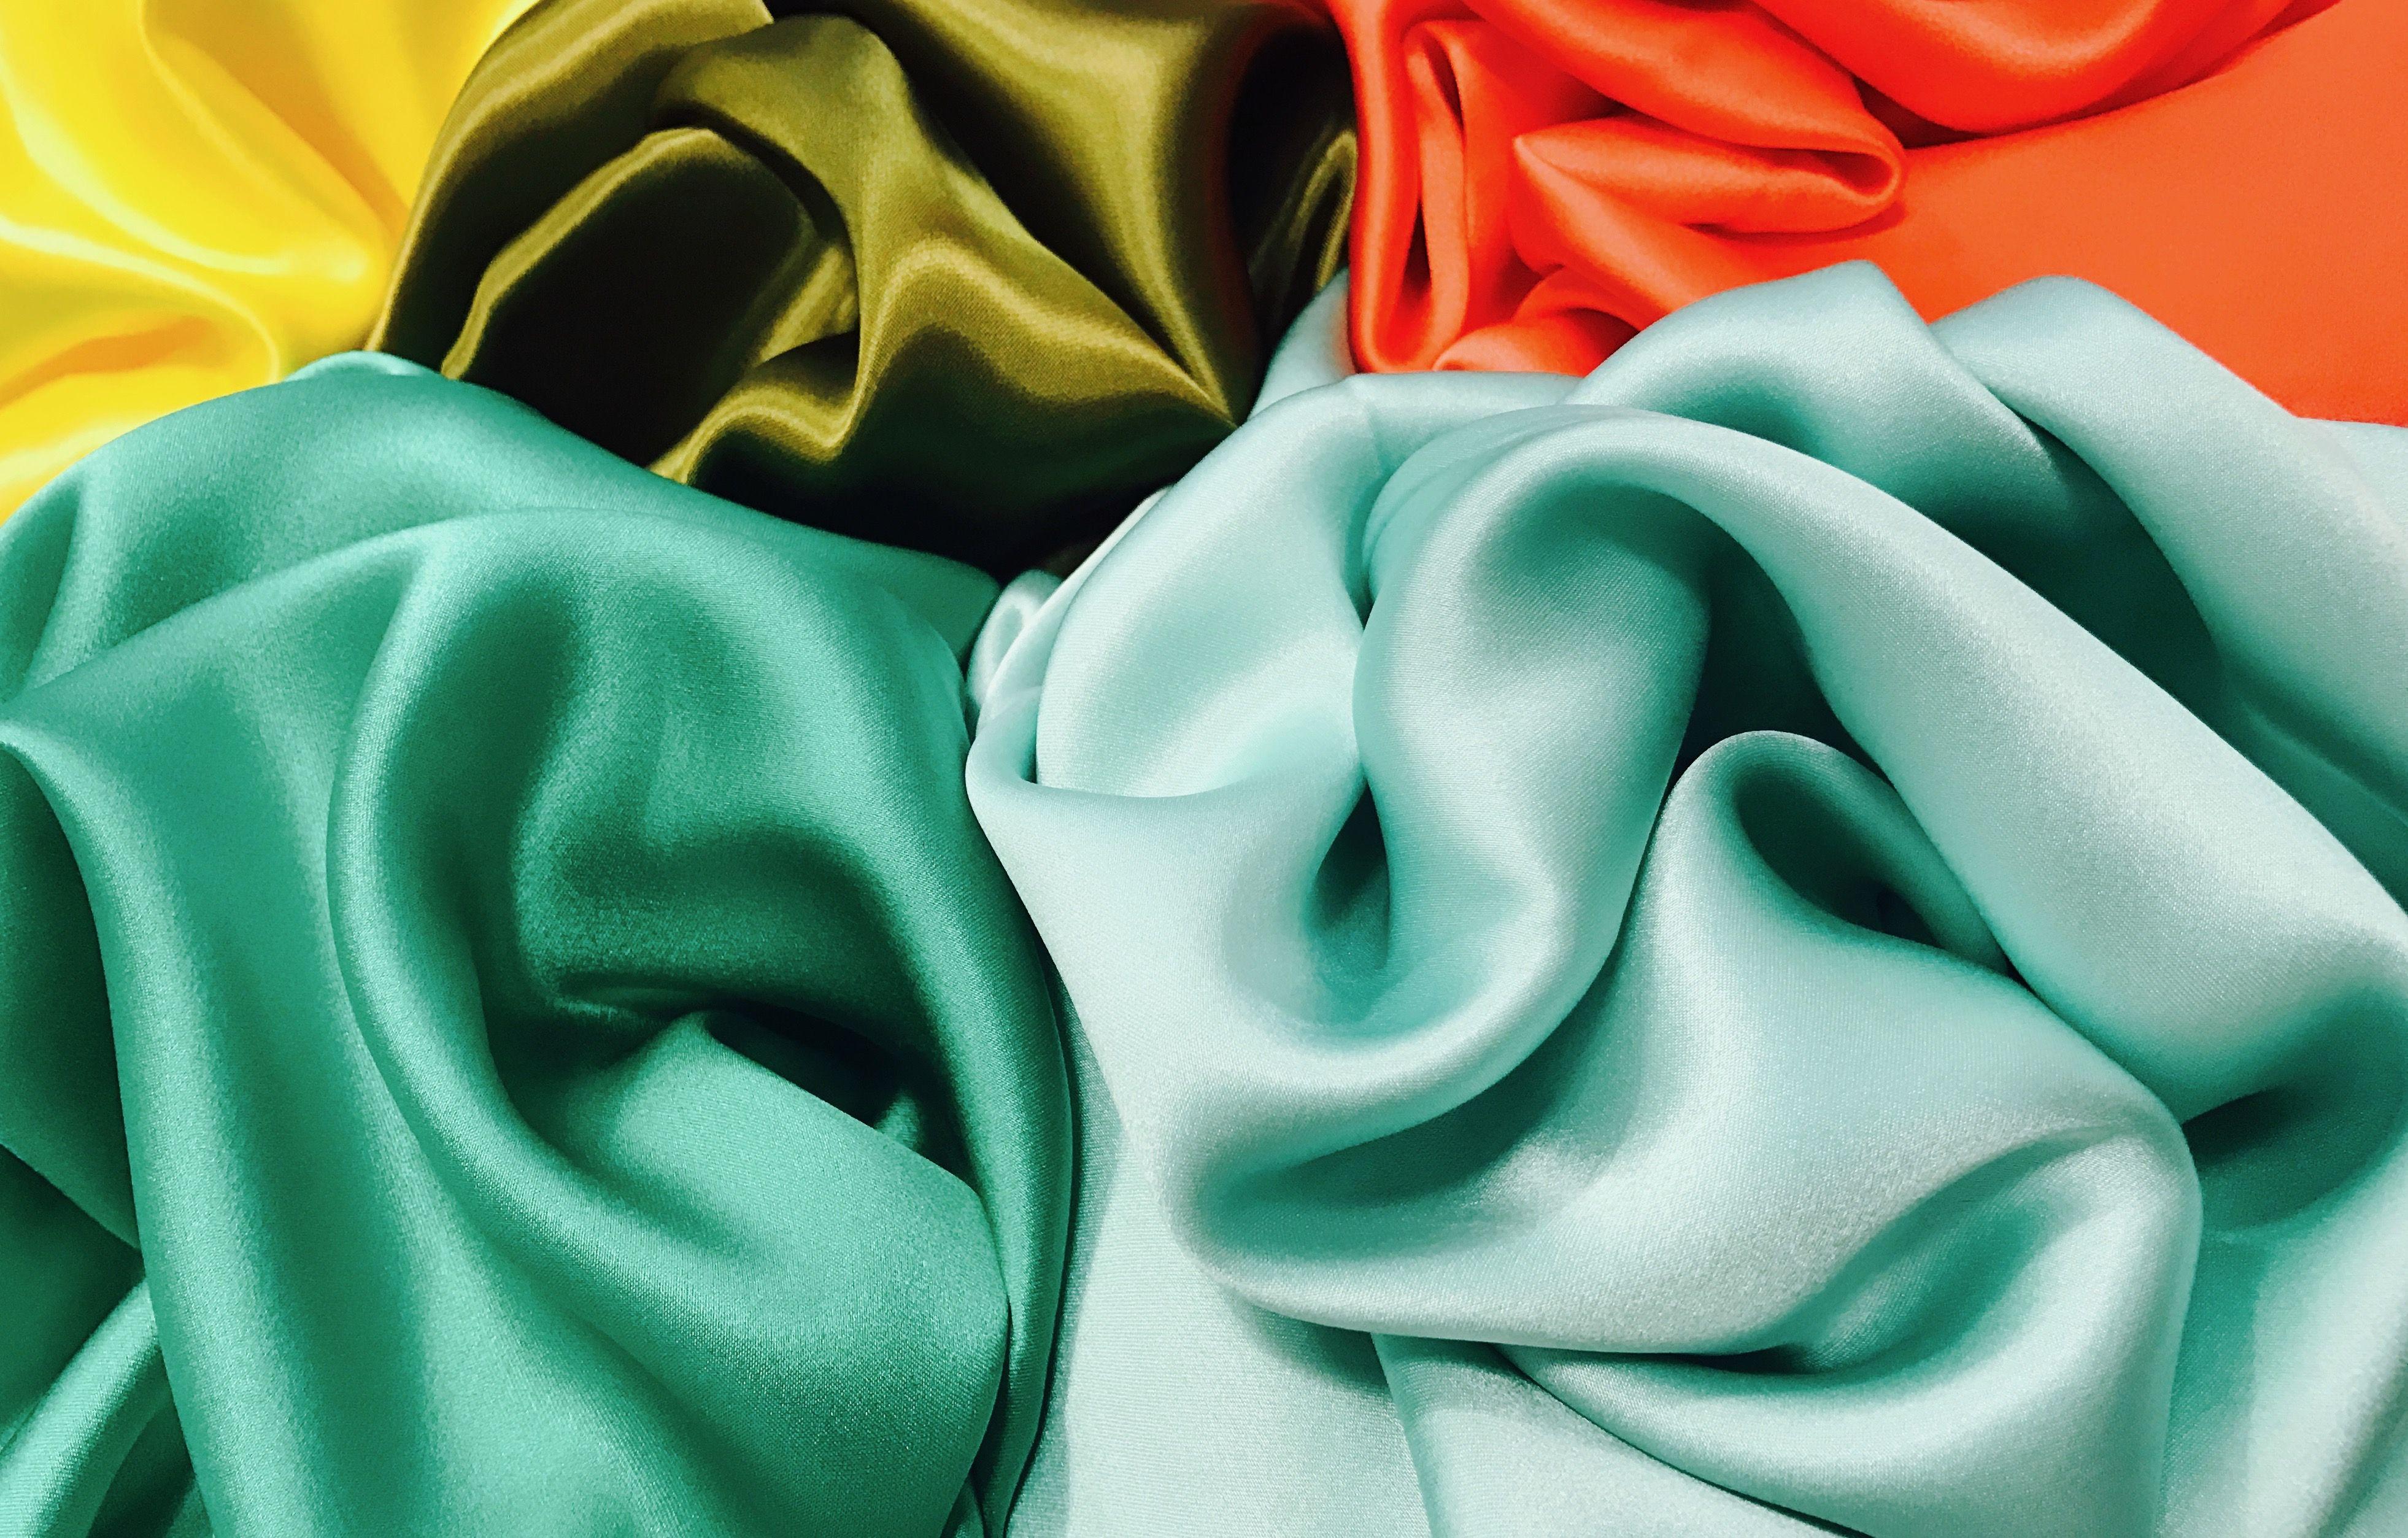 satins de soie #soie #silk #tissu #fabric #mode #fashion #paris #sacrescoupons #diy #handmade